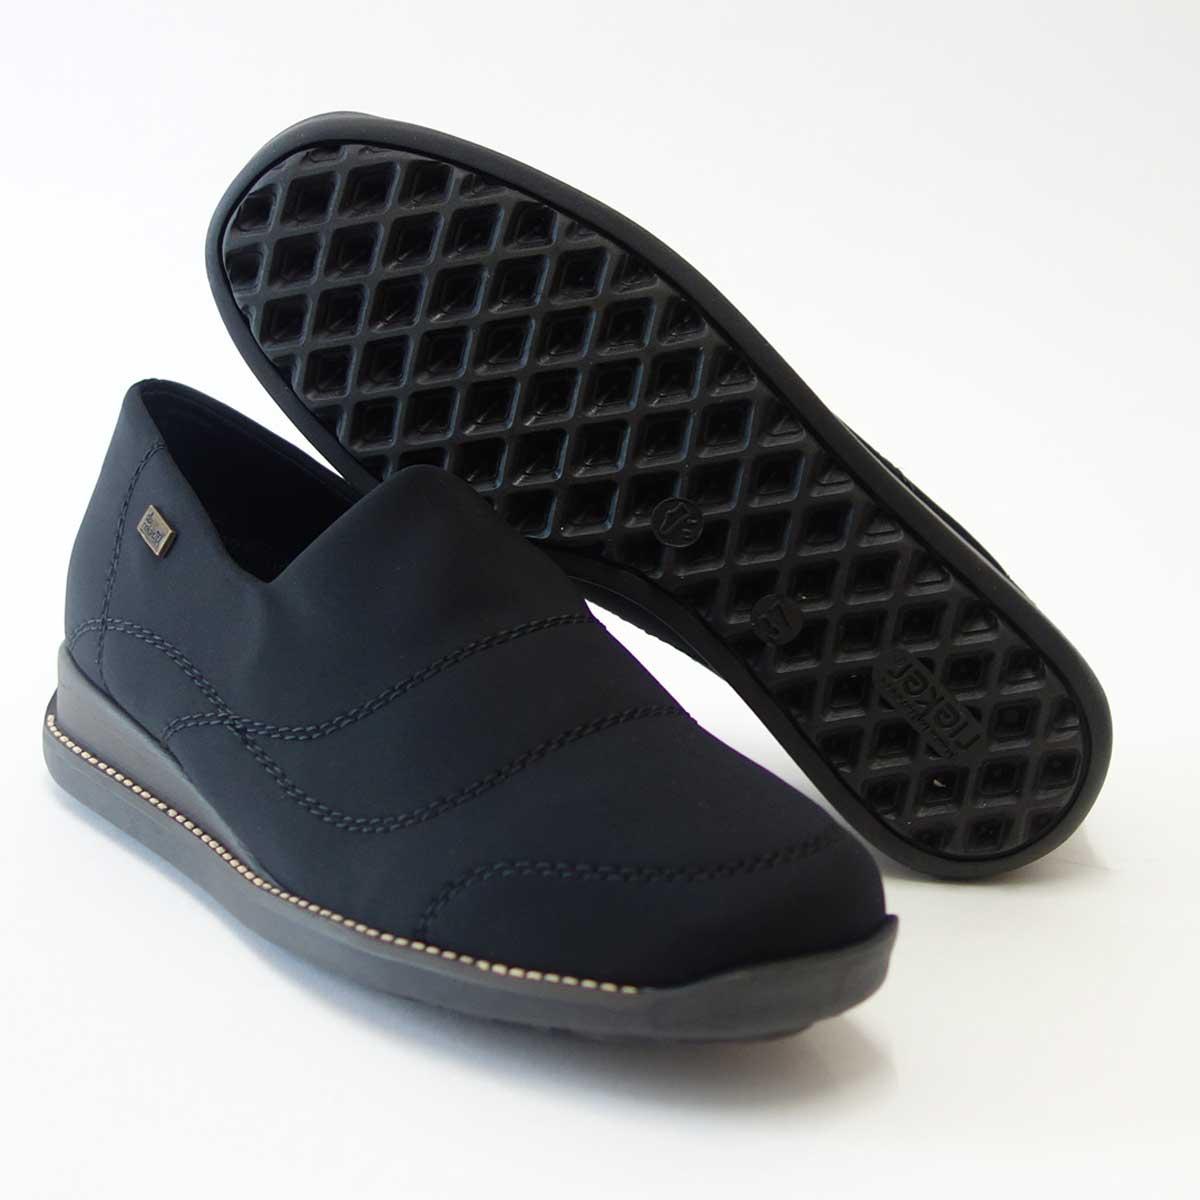 信頼老舗 防水素材内蔵ストレッチシューズrieker リーカー 44260 ブラックドイツ生まれの快適フラットシューズ「靴」